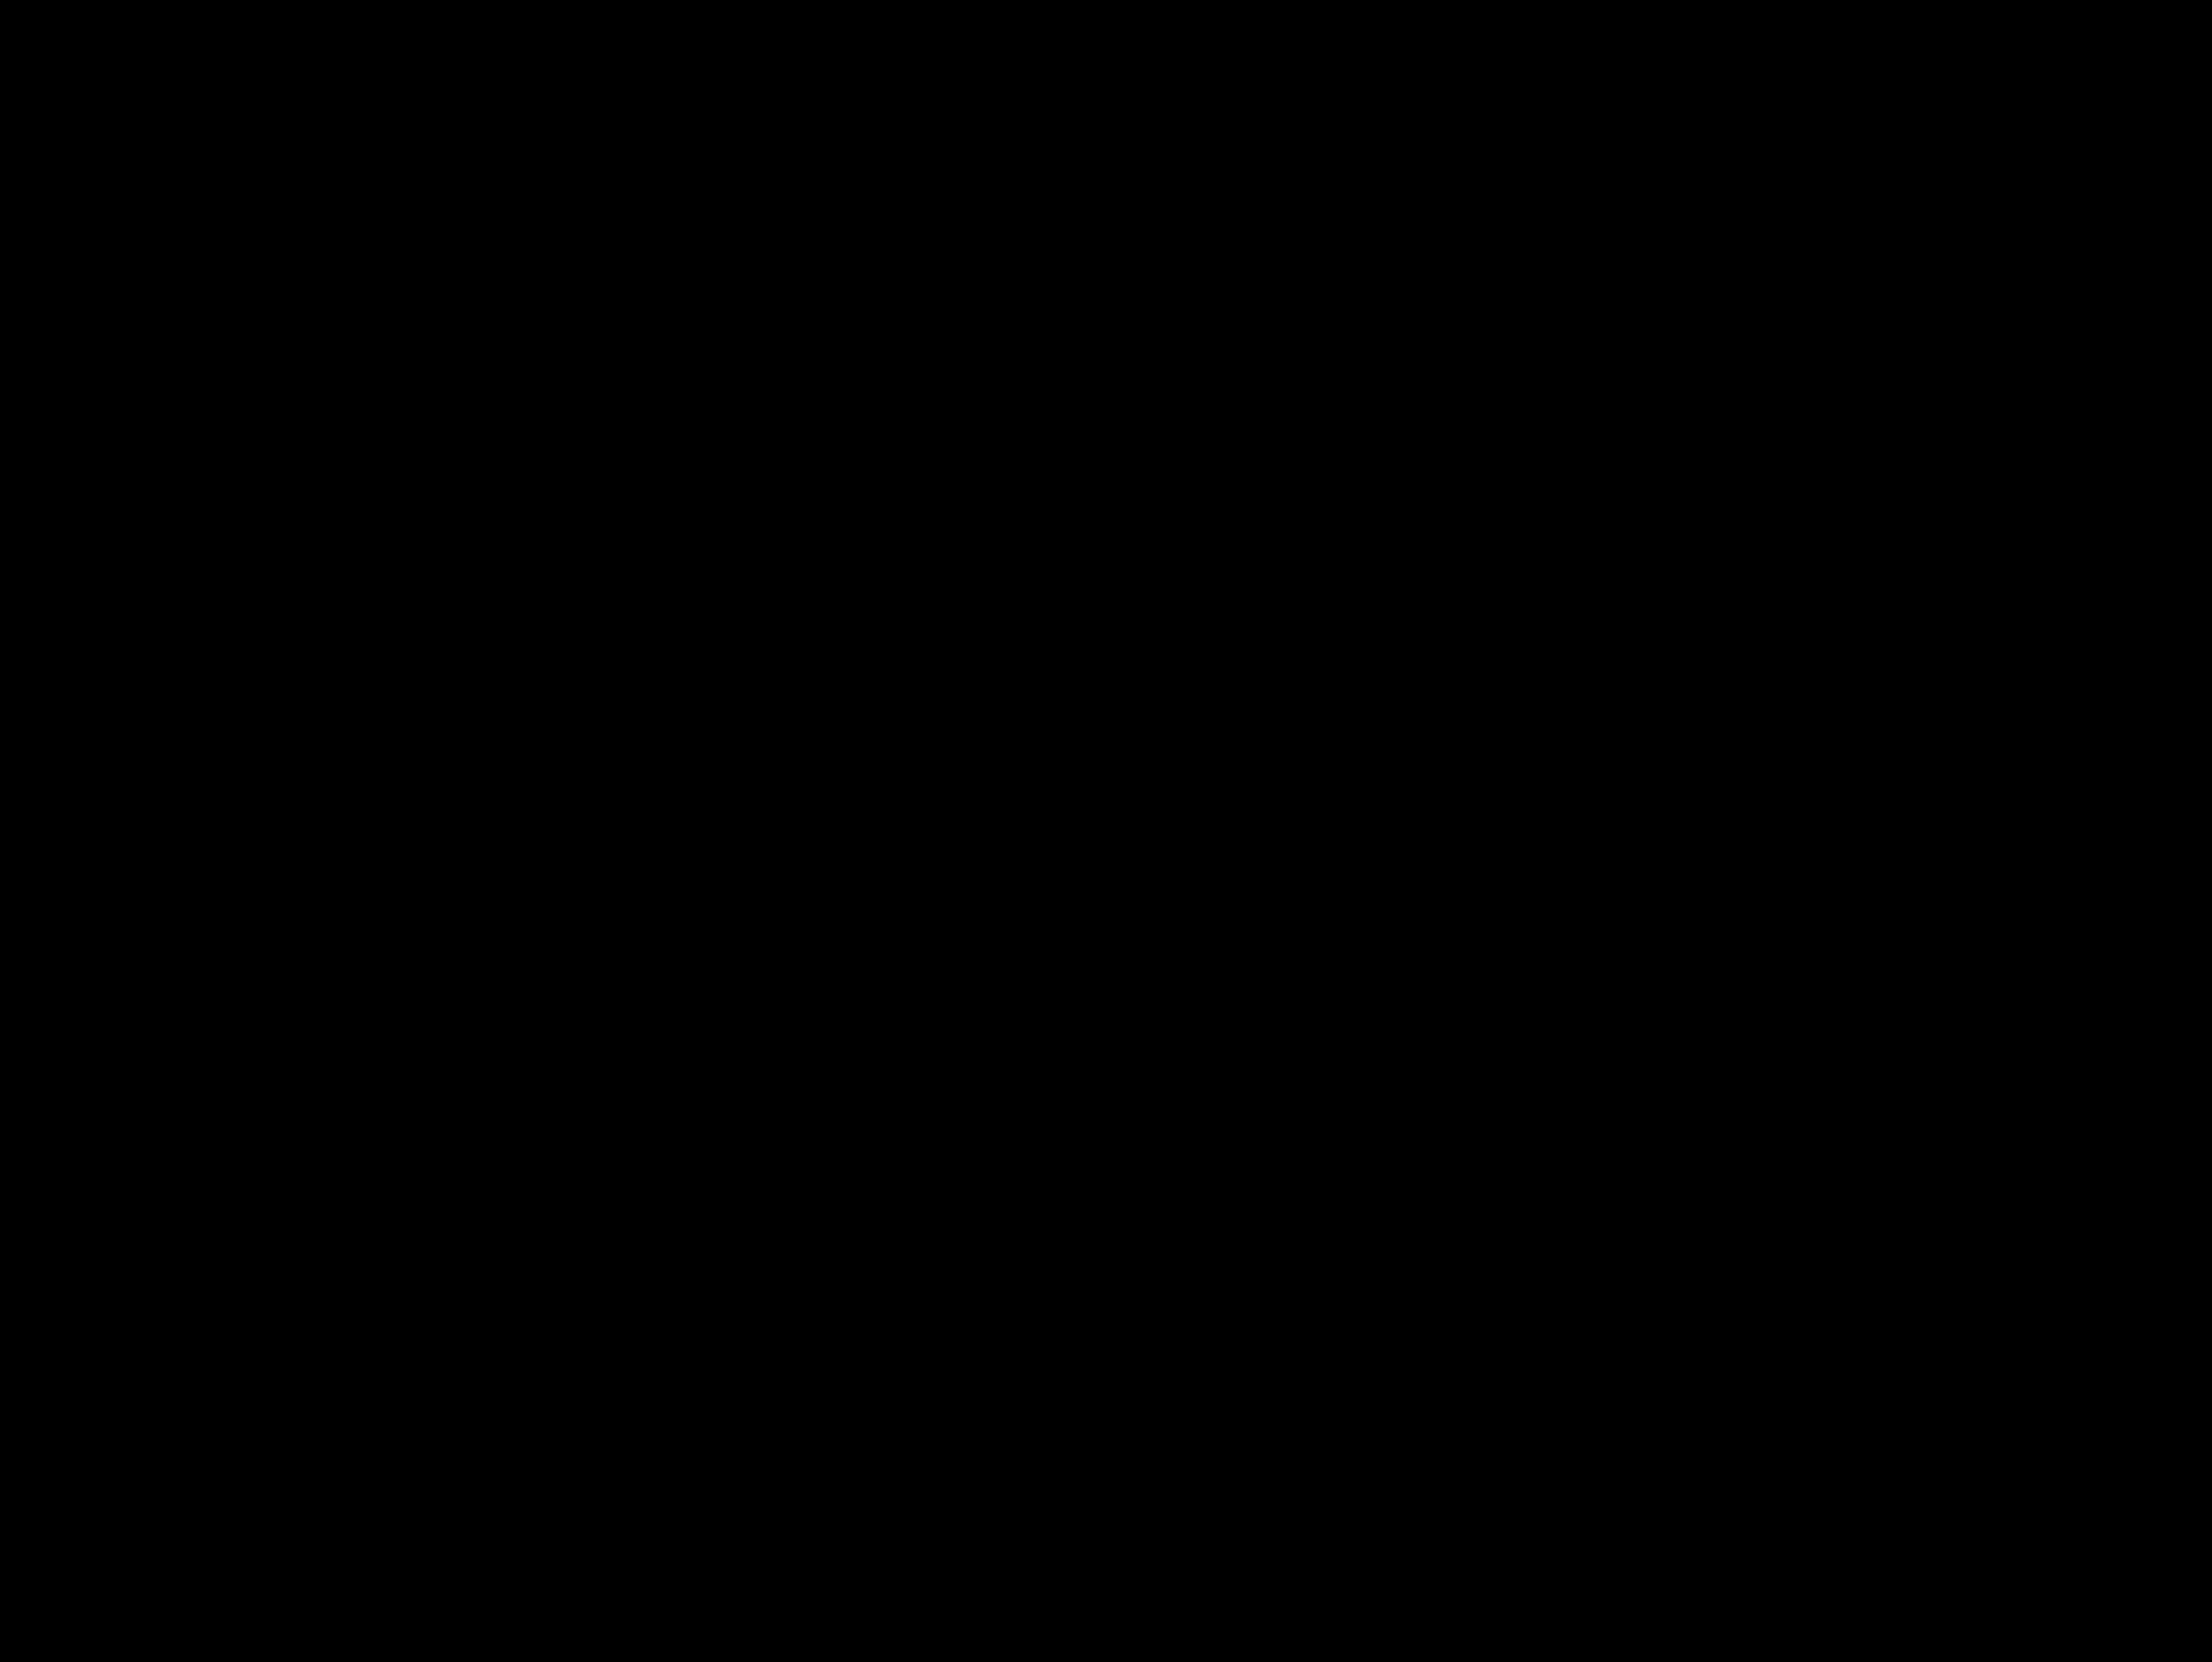 Butt Massage Normal From Friend 77